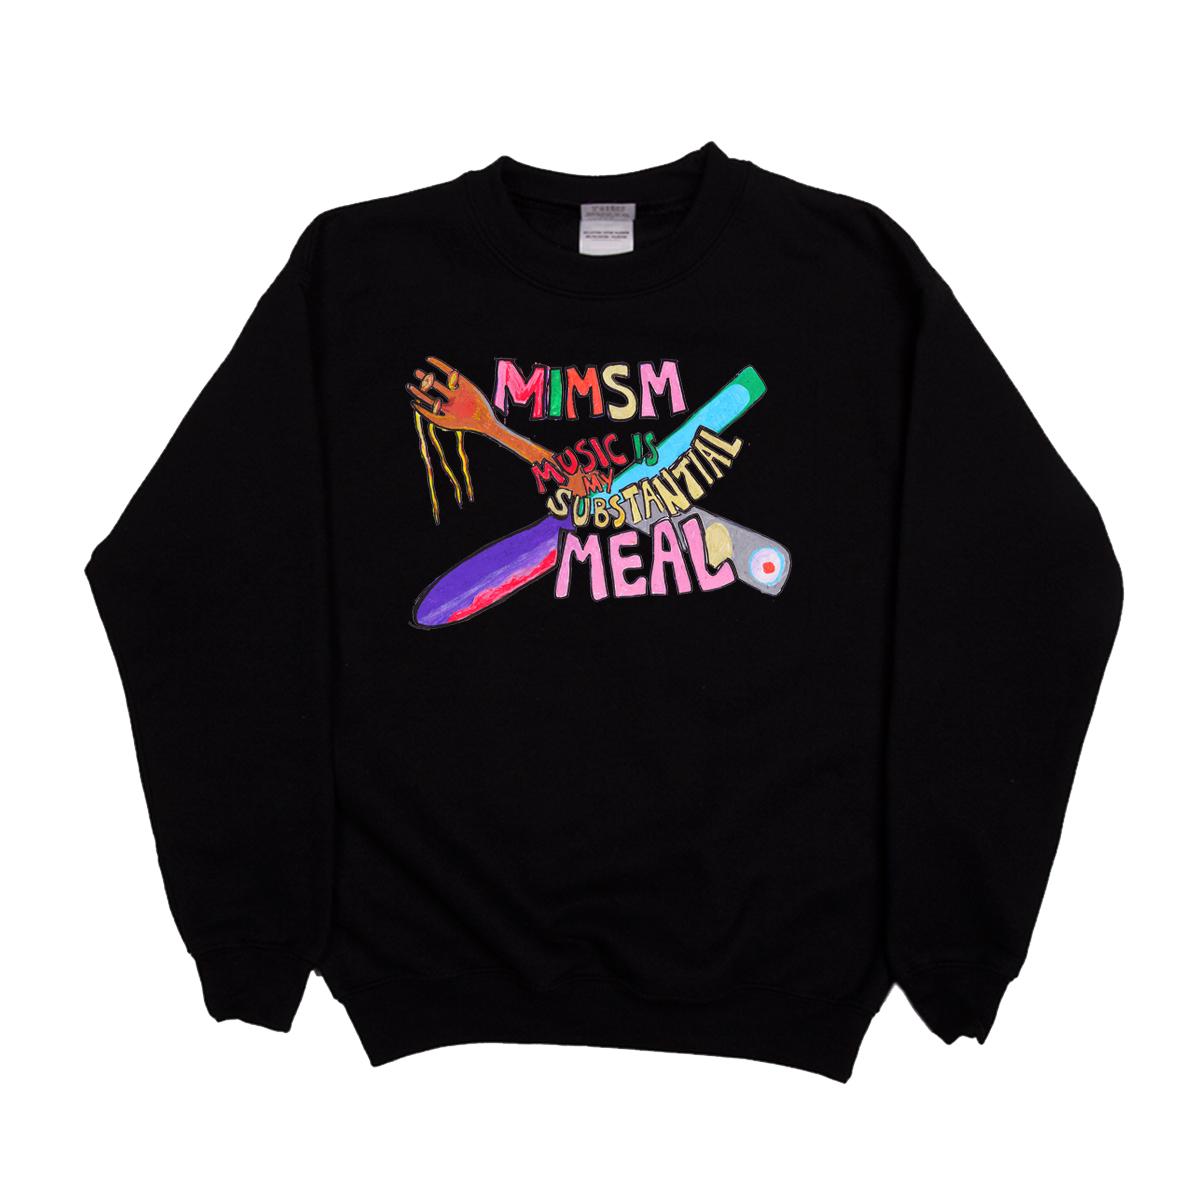 'Music Is My Substantial Meal' Sweatshirt (Black)